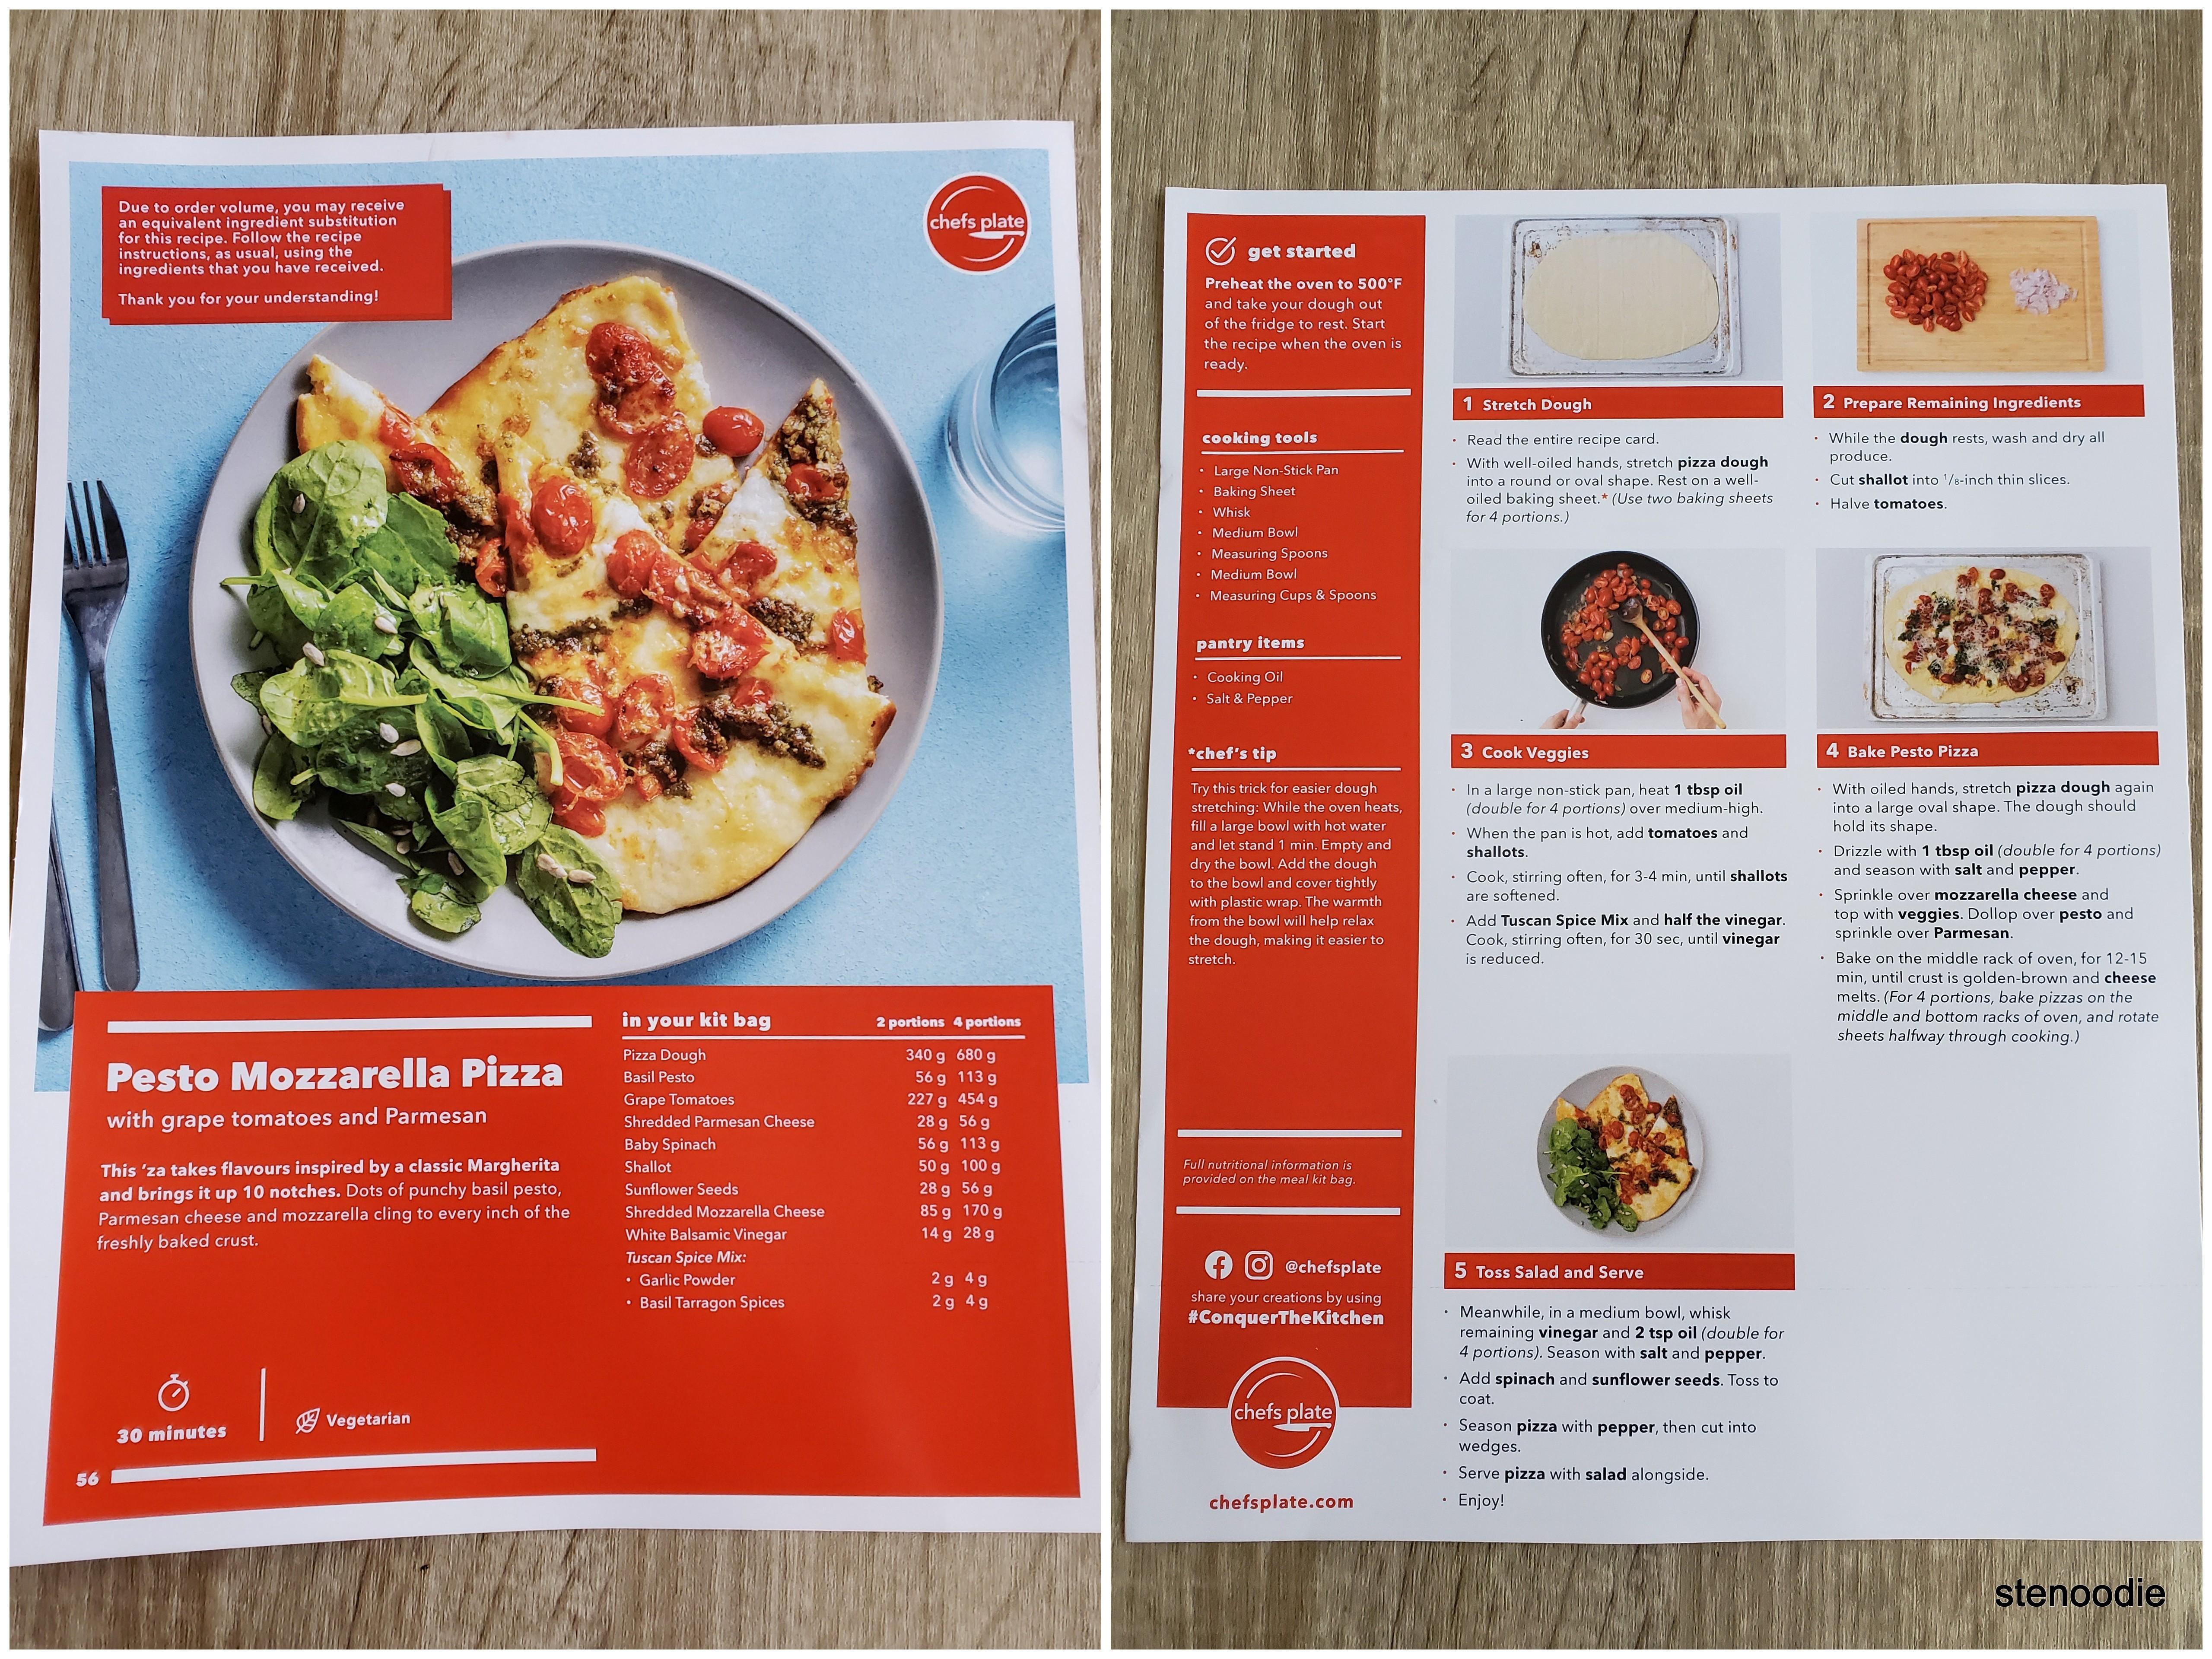 Pesto Mozzarella Pizza recipe card